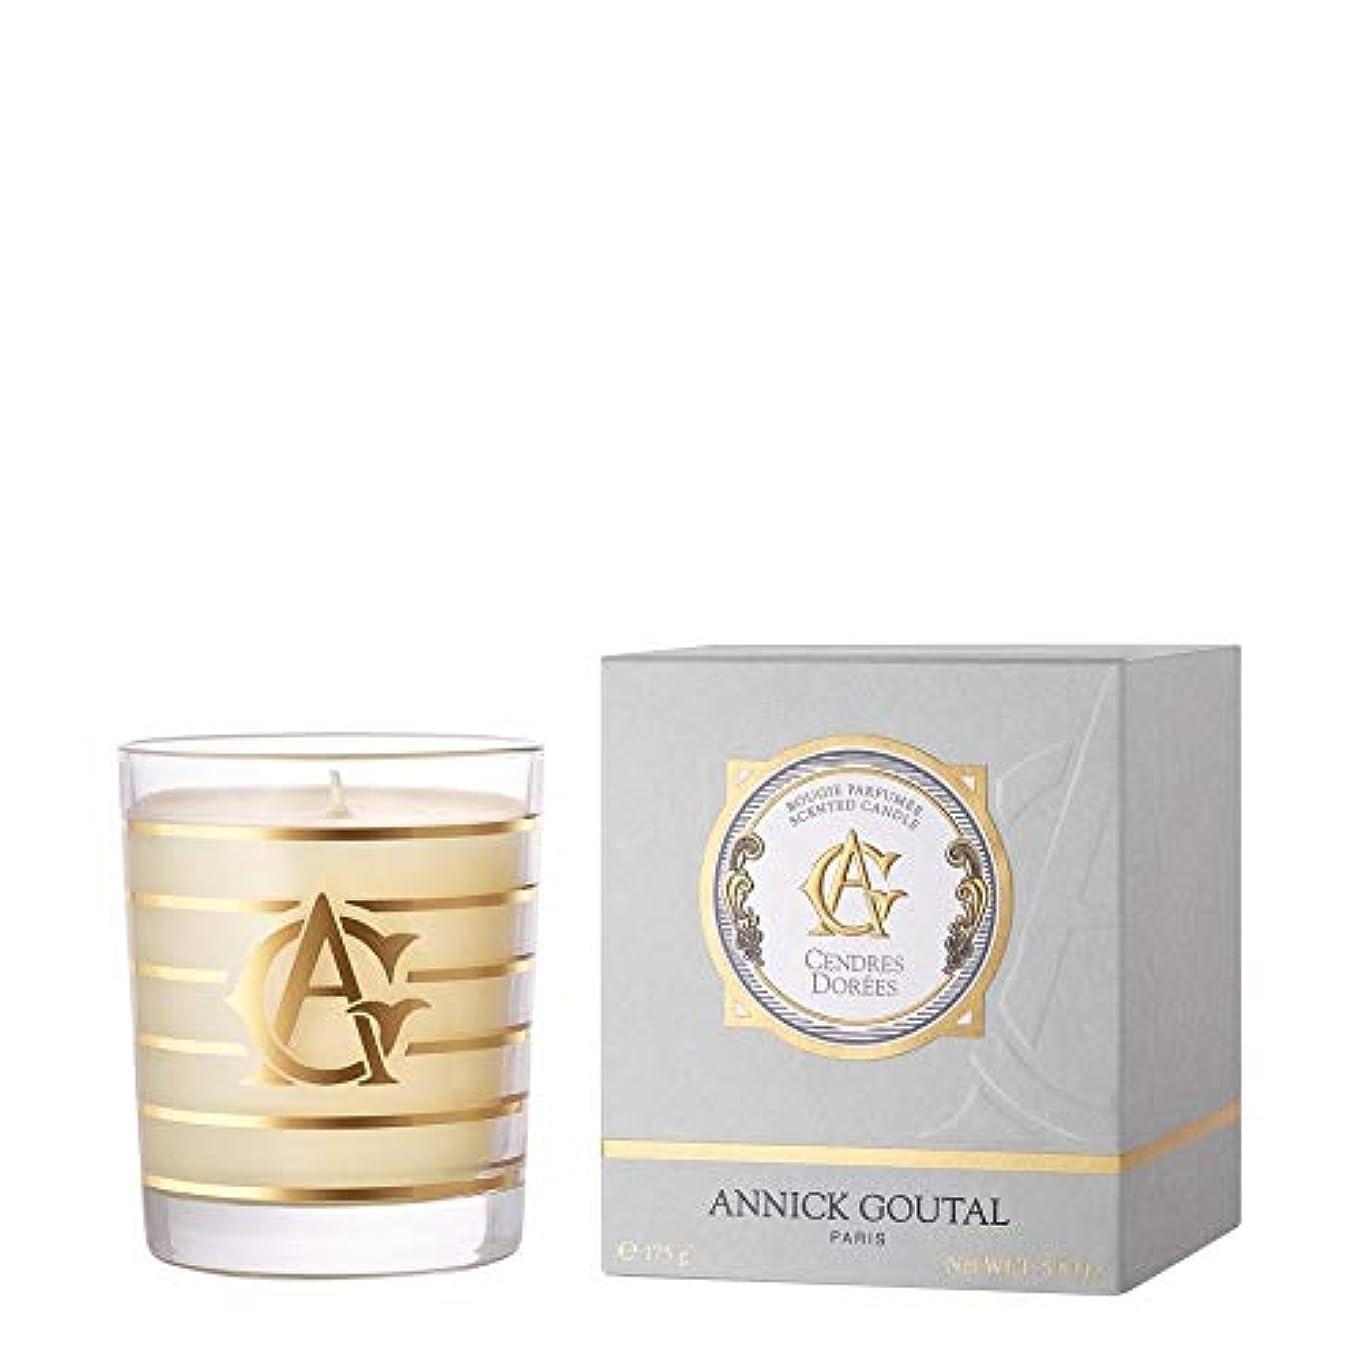 決済理解申し立てられた[Annick Goutal ] アニックグタールCendres Dorees香りのキャンドル175グラム - Annick Goutal Cendres Dorees Perfumed Candle 175g [並行輸入品]